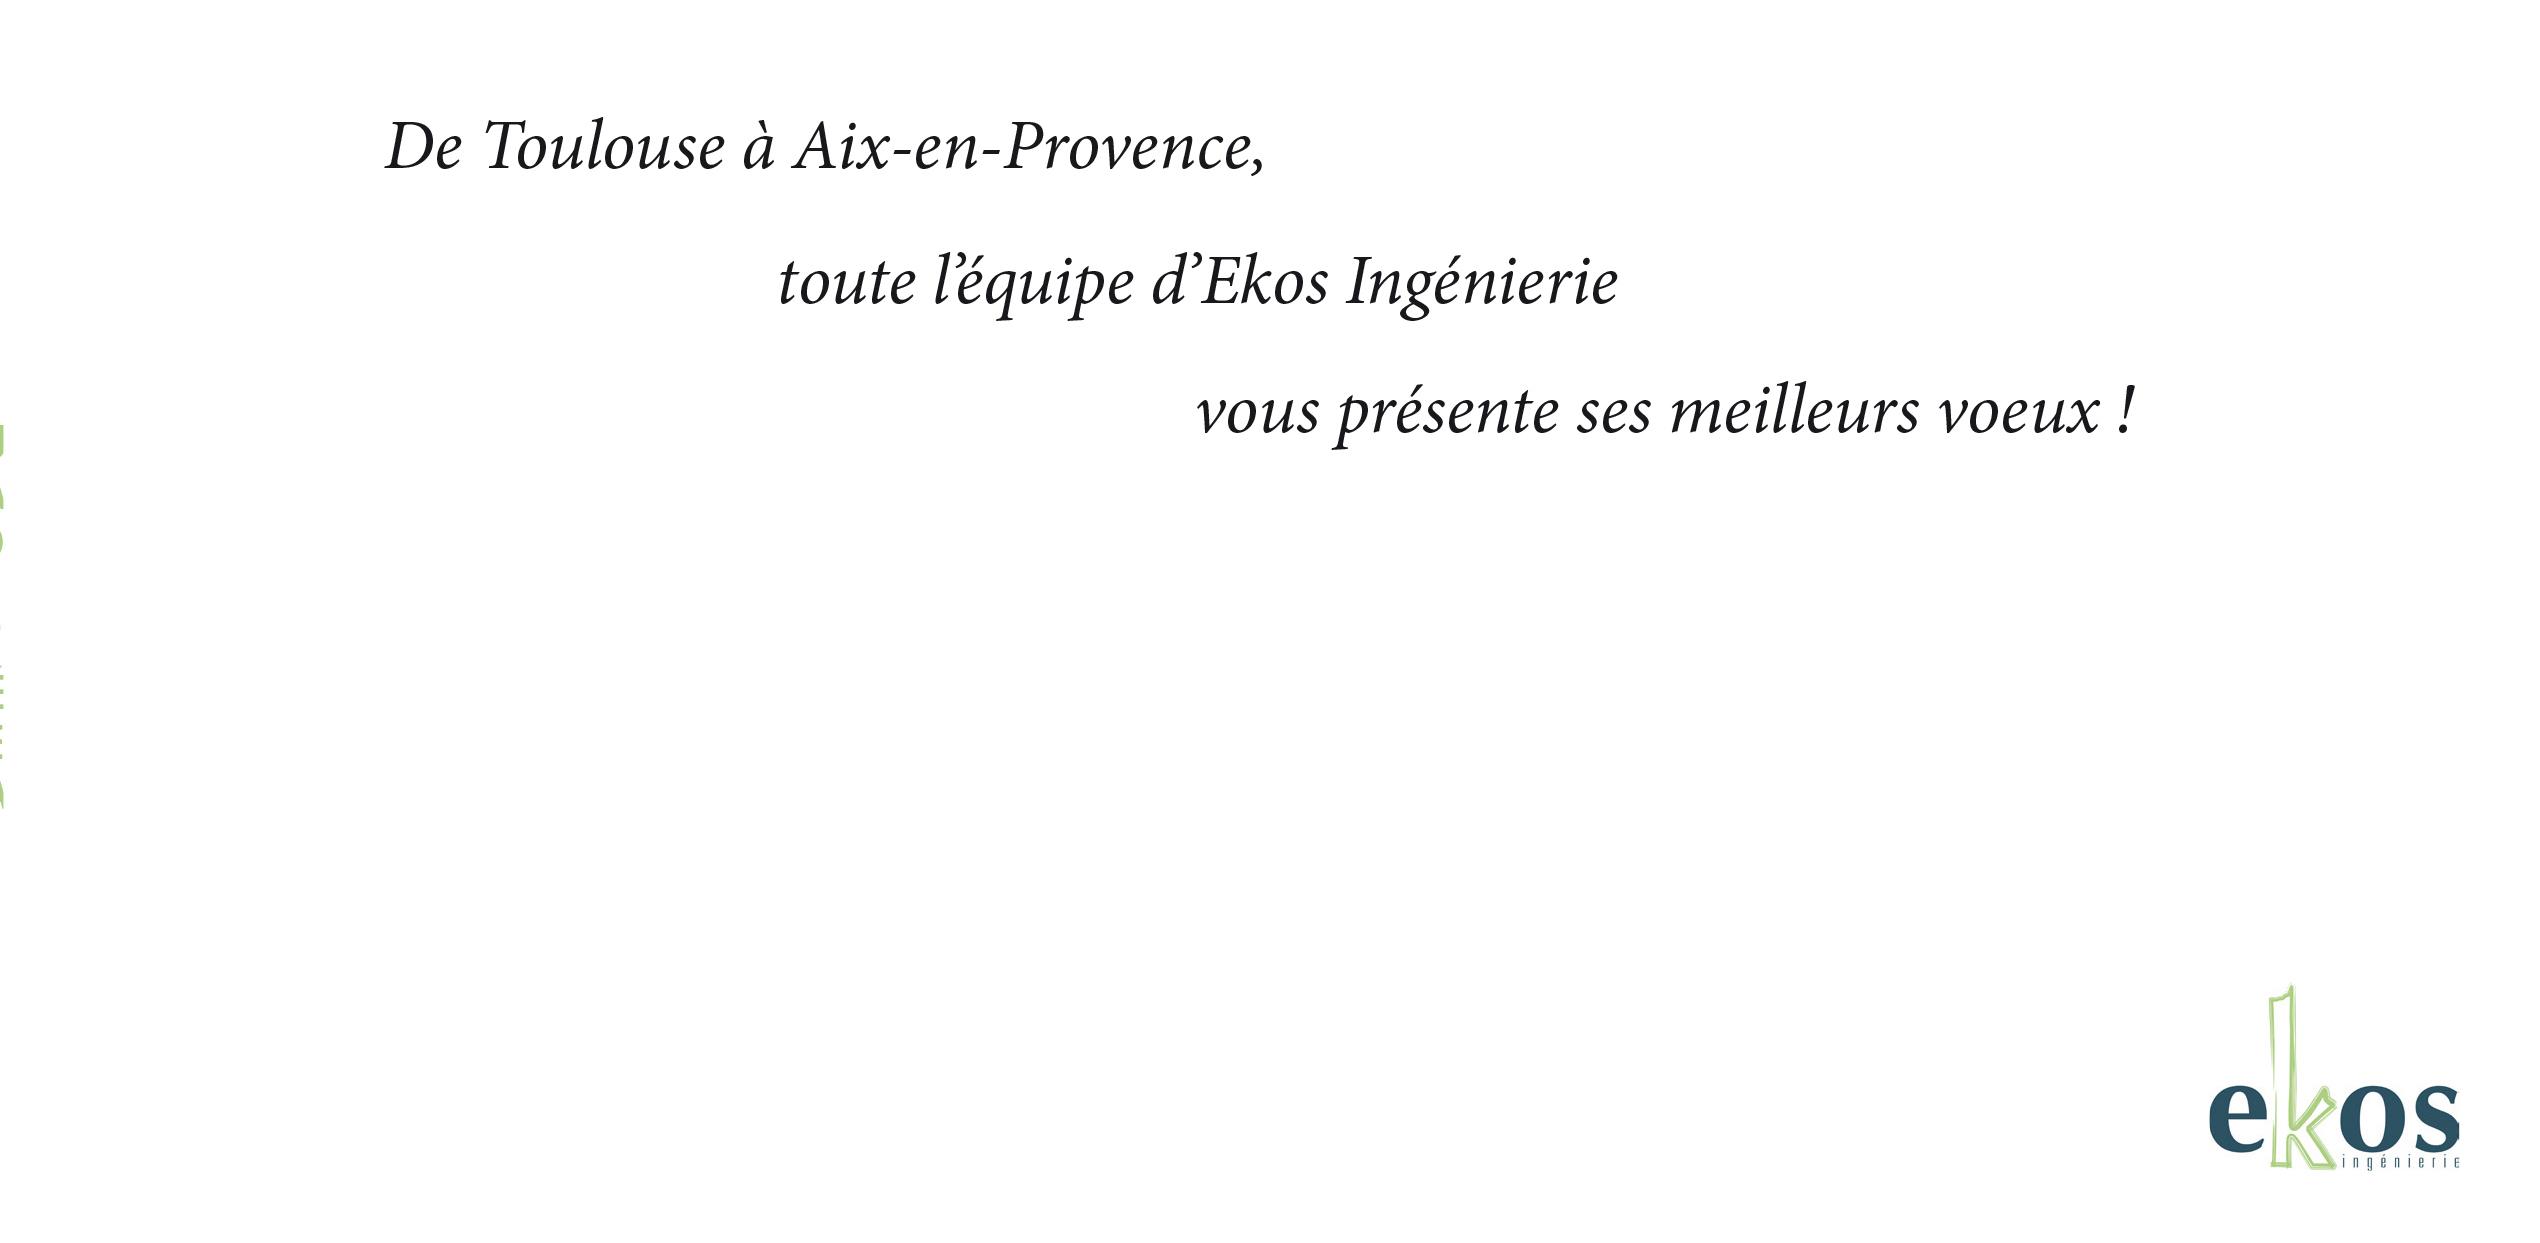 Carte de voeux Pour Ekos Ingéniérie 2017